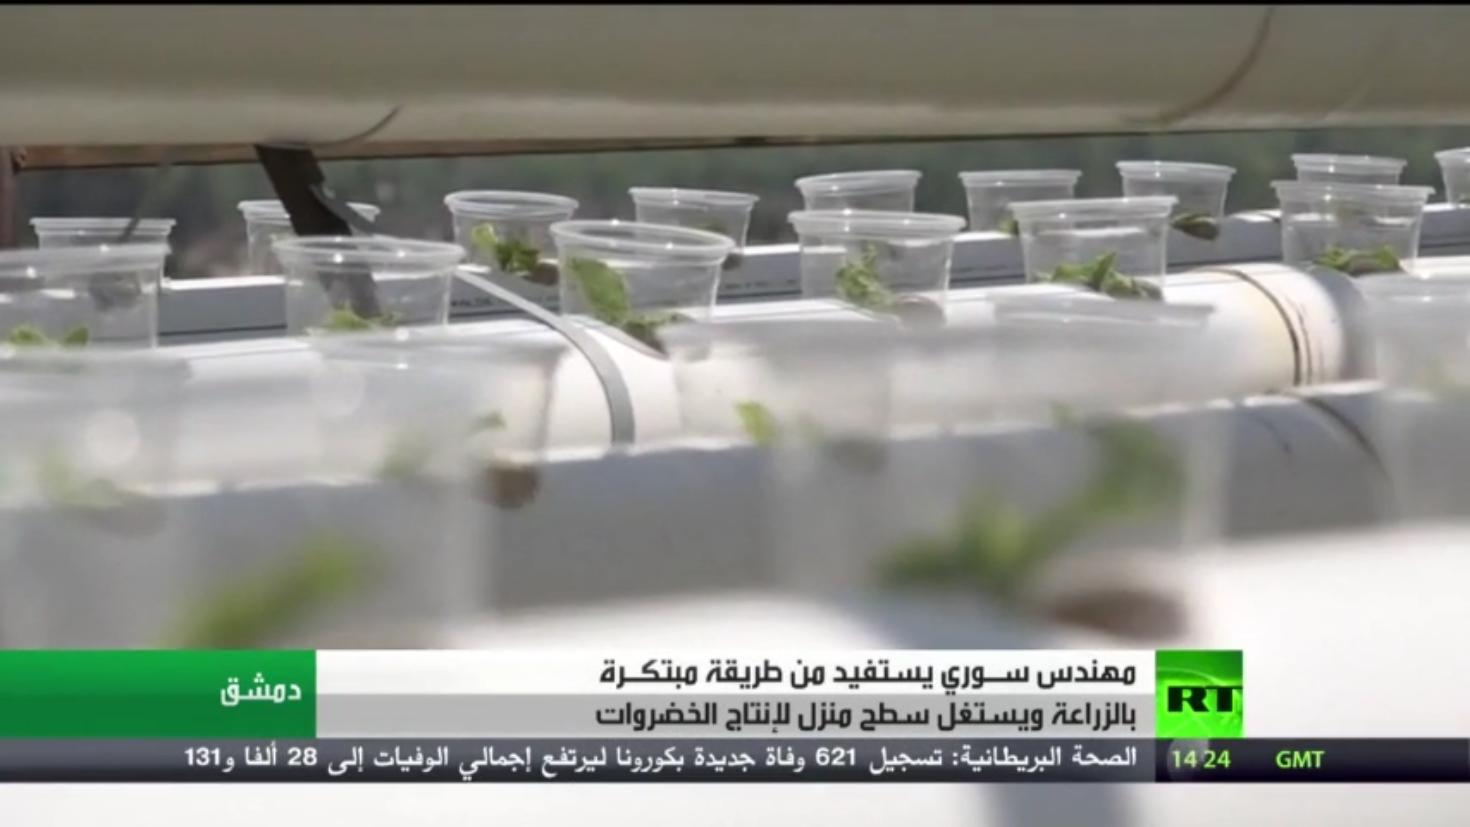 مهندس سوري يلجأ لطريقة مبتكرة بالزراعة